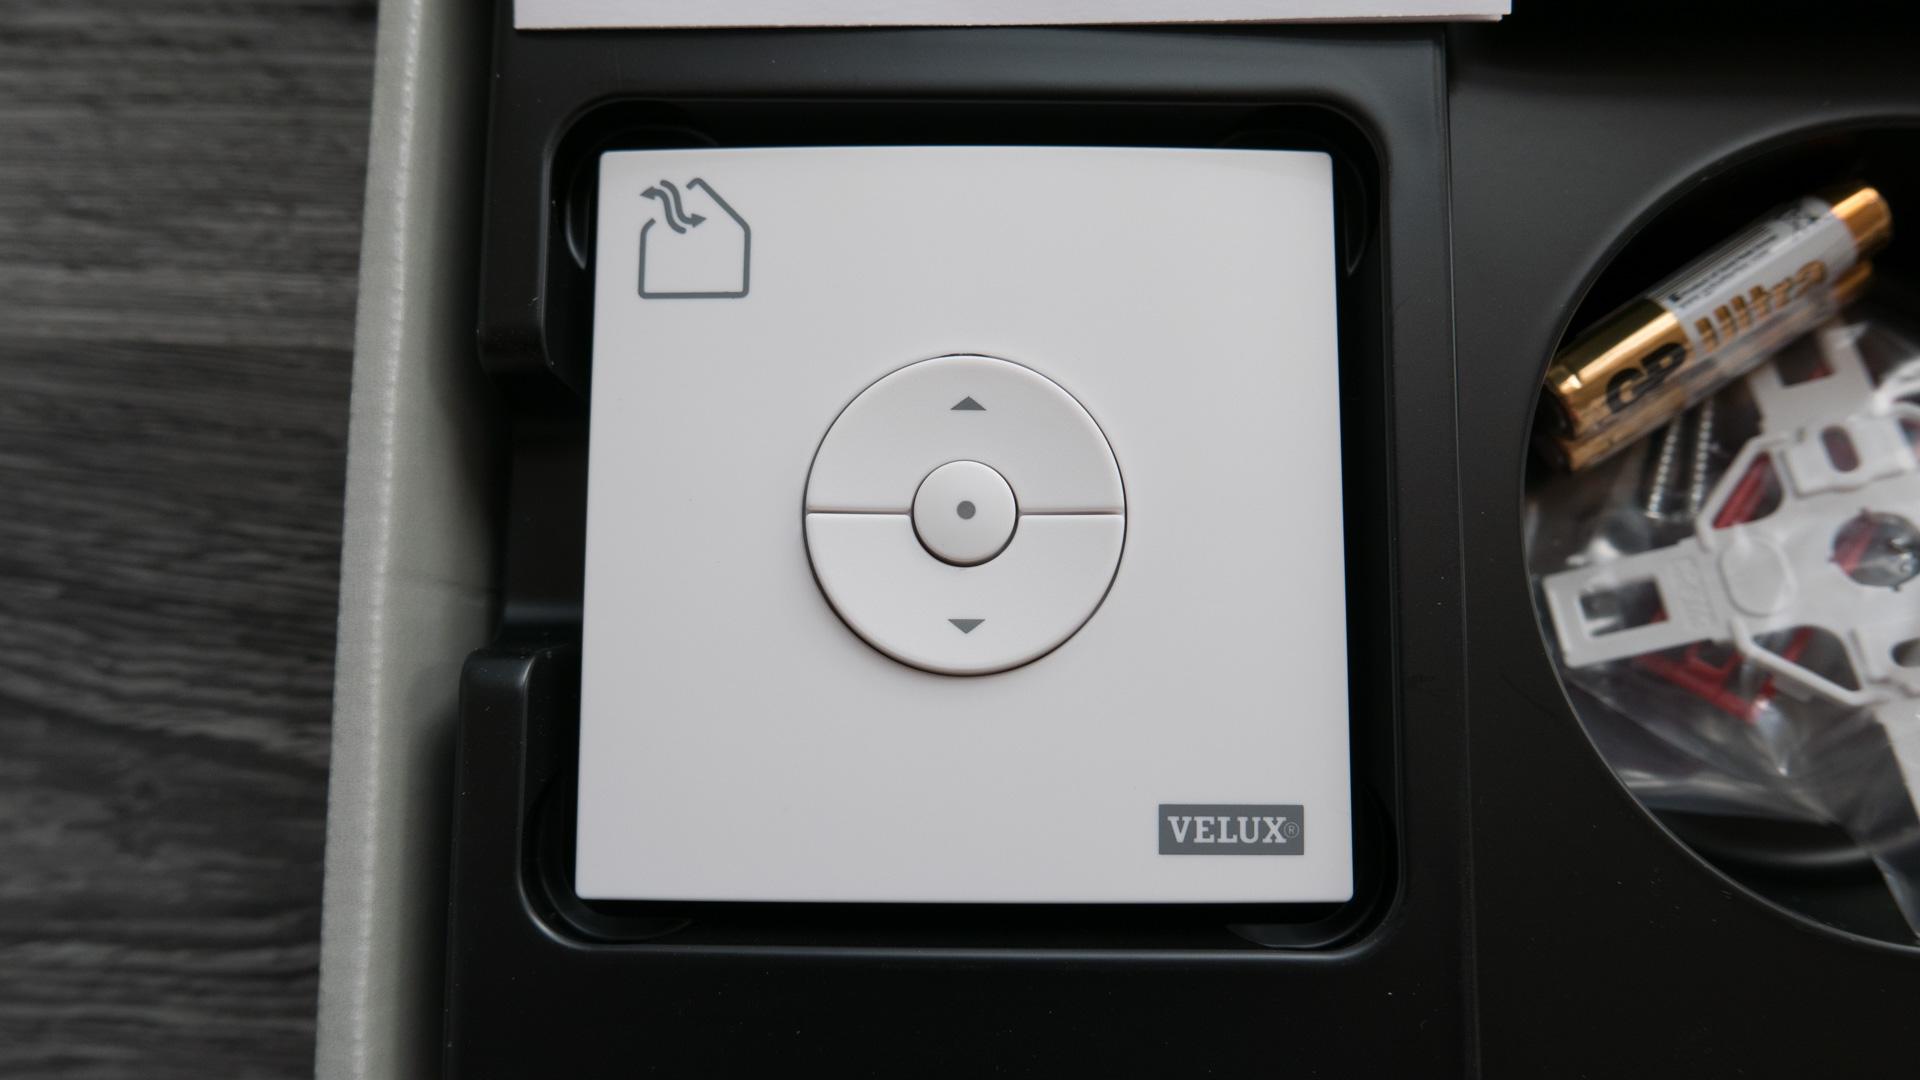 Full Size of Velux Scharnier Fenster Rollo Kaufen Preise Ersatzteile Einbauen Wohnzimmer Velux Scharnier